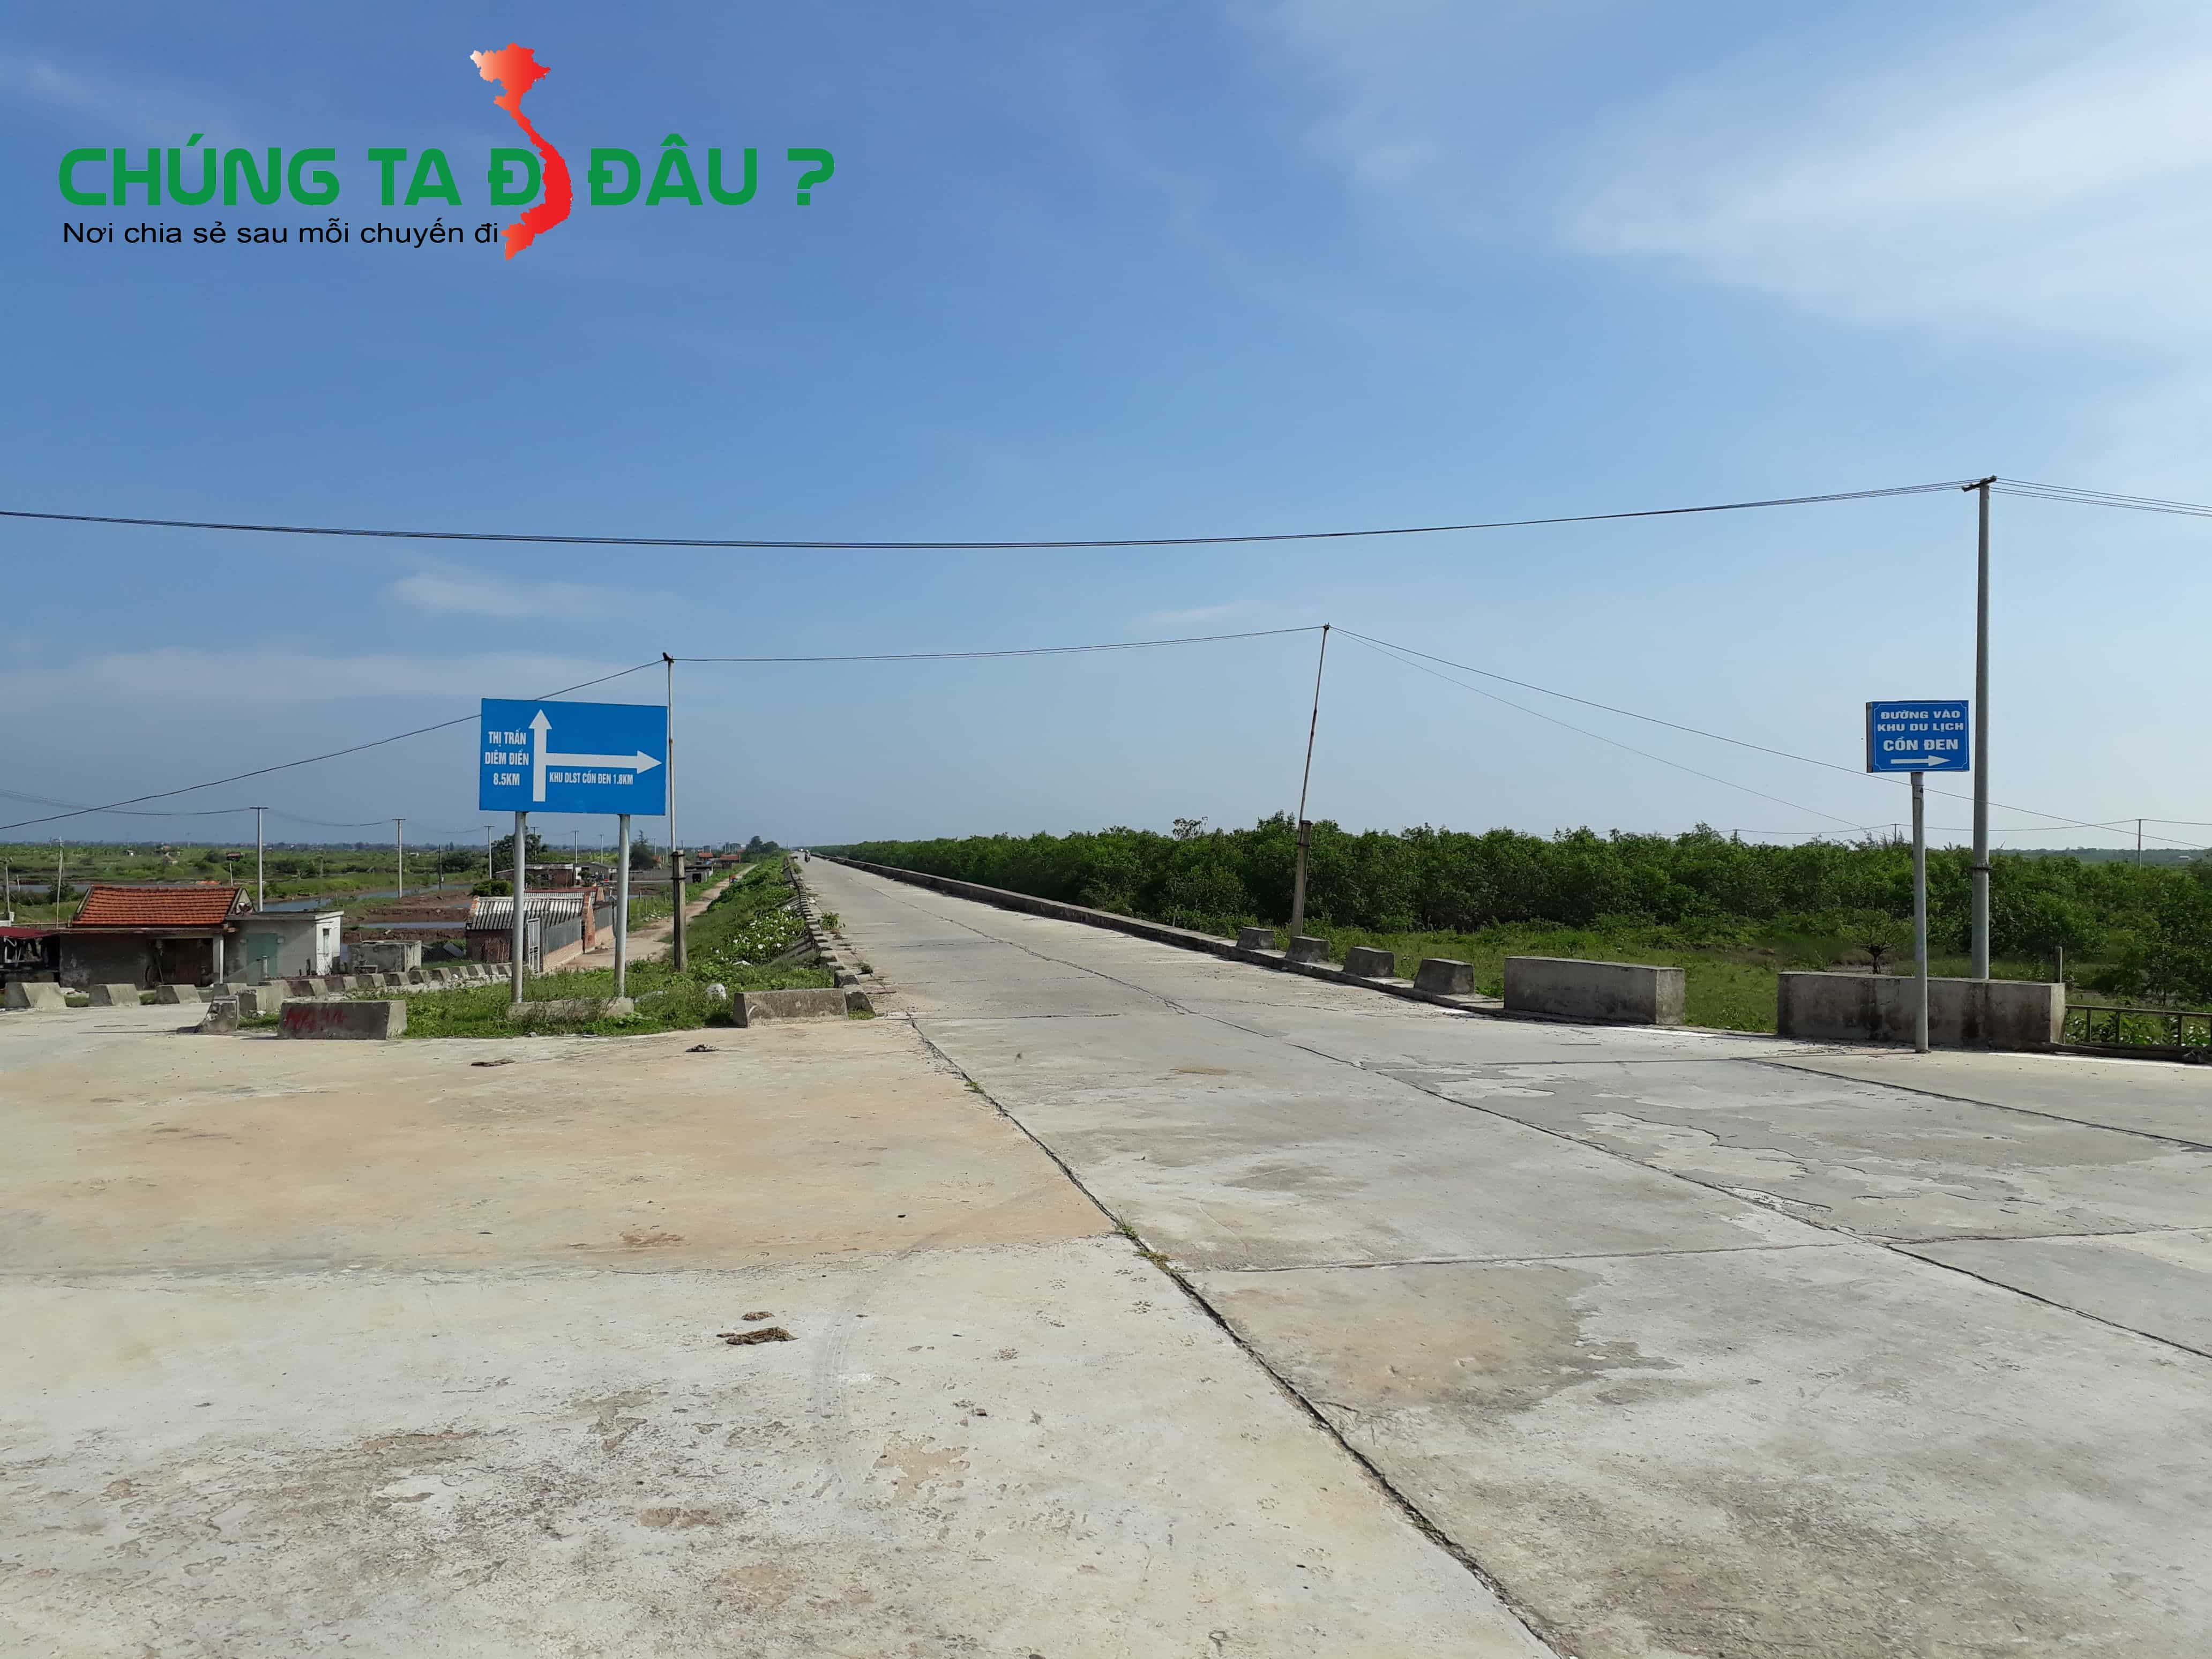 Đoạn này mà cứ thẳng đường là đến thị trấn Diêm Điền